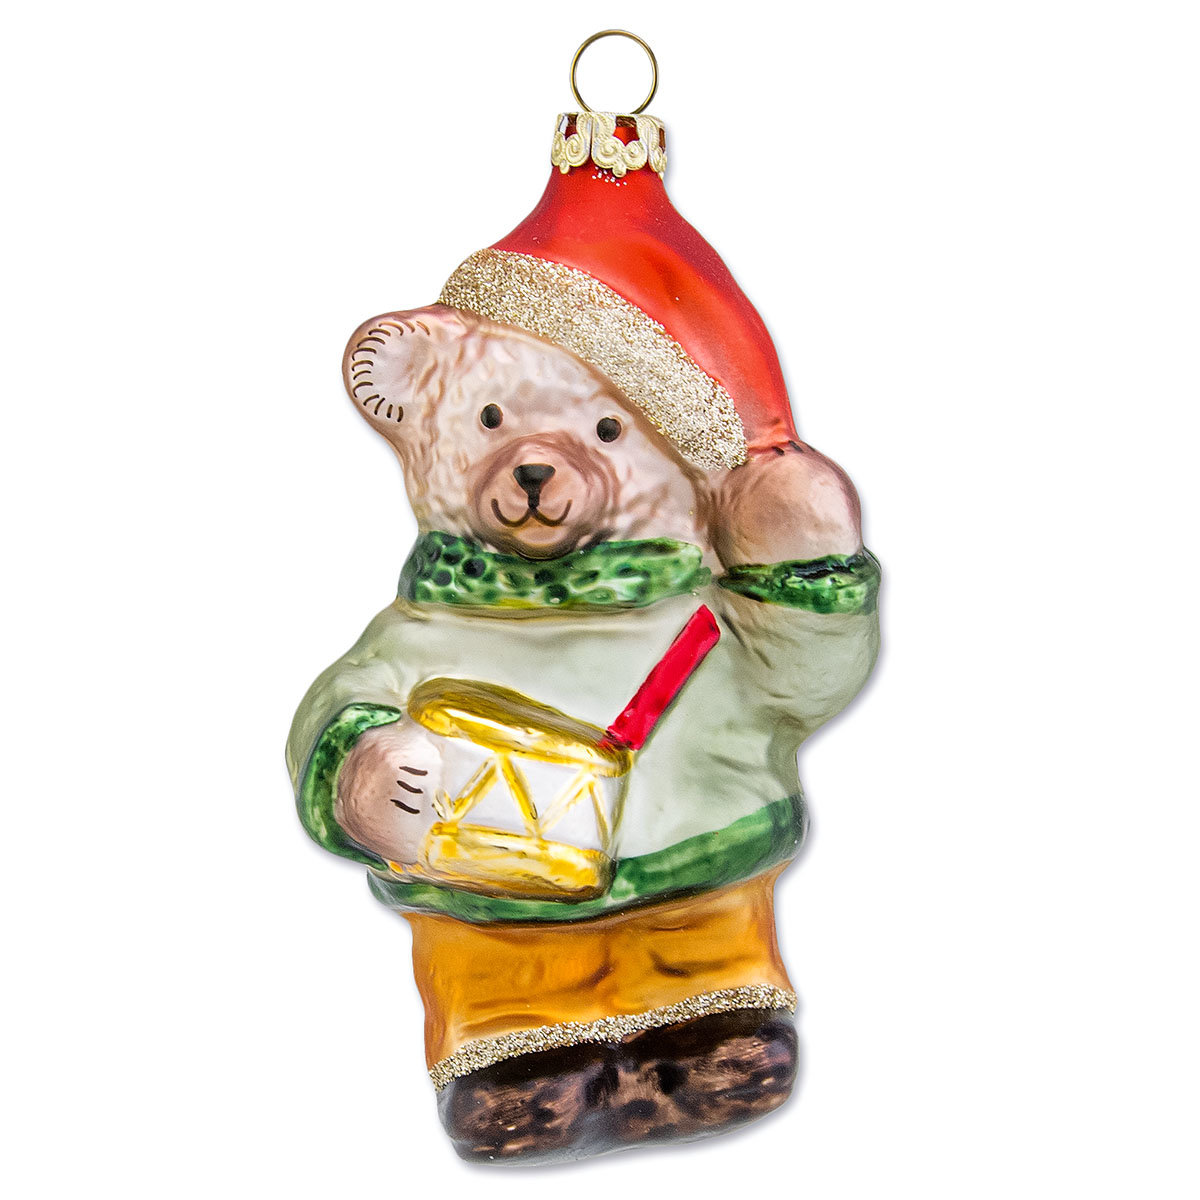 Christbaumschmuck - Teddy mit Trommel, 10 cm, mundgeblasen